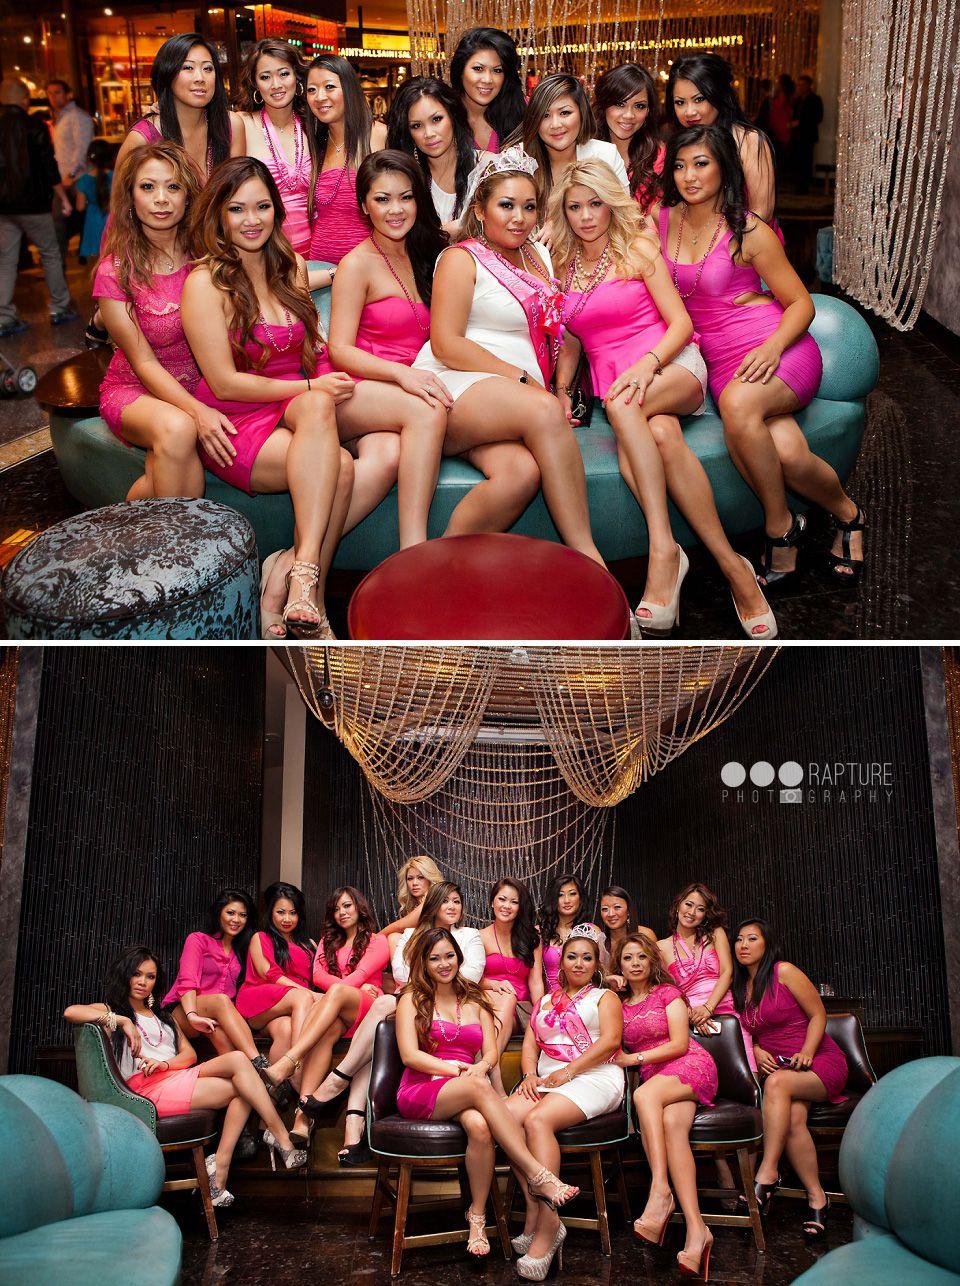 las vegas bachelorette party @ the cosmopolitan of las vegas « by